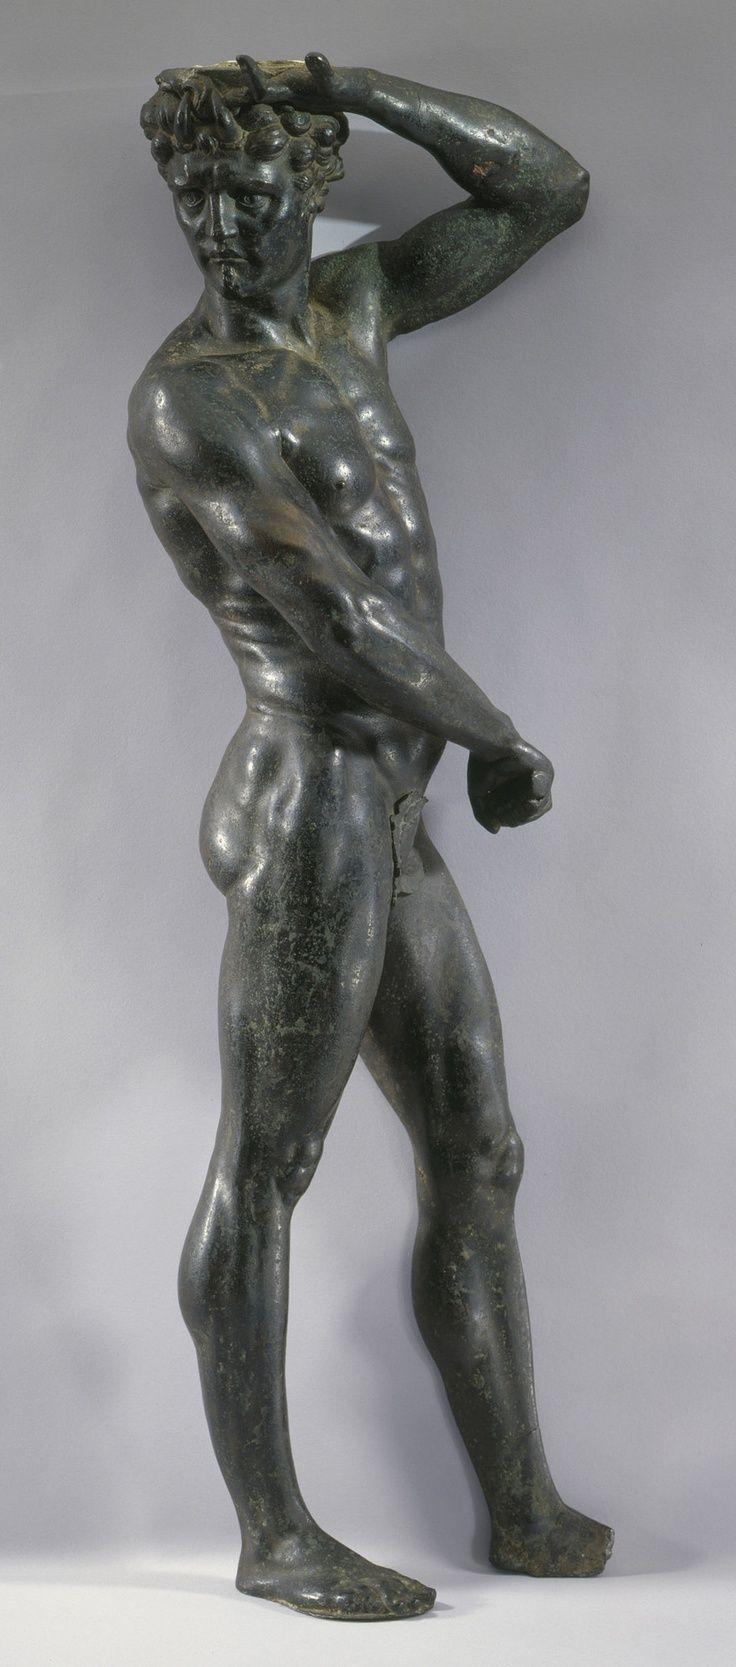 benvenuto cellini   Benvenuto Cellini (1500-70), Satyr, c. 1545. Bronze, 57.0 x 19.0 x 10 ...